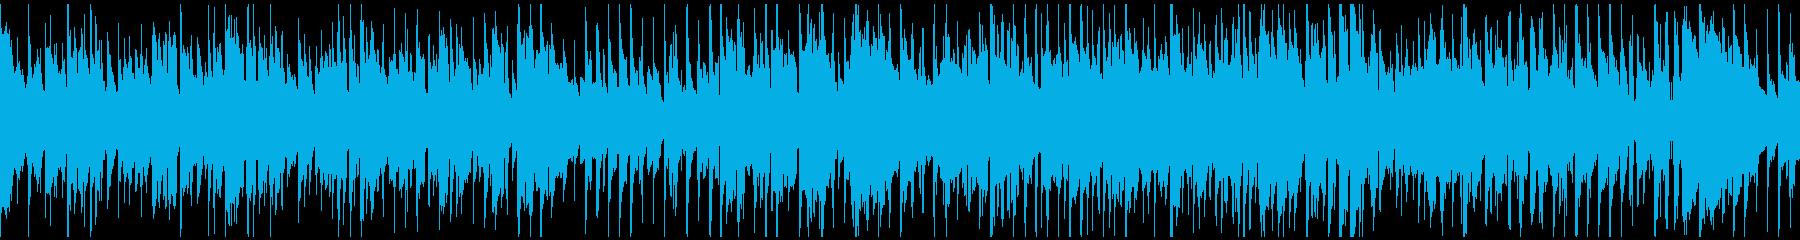 クラブジャズ、バリトンサックス※ループ版の再生済みの波形